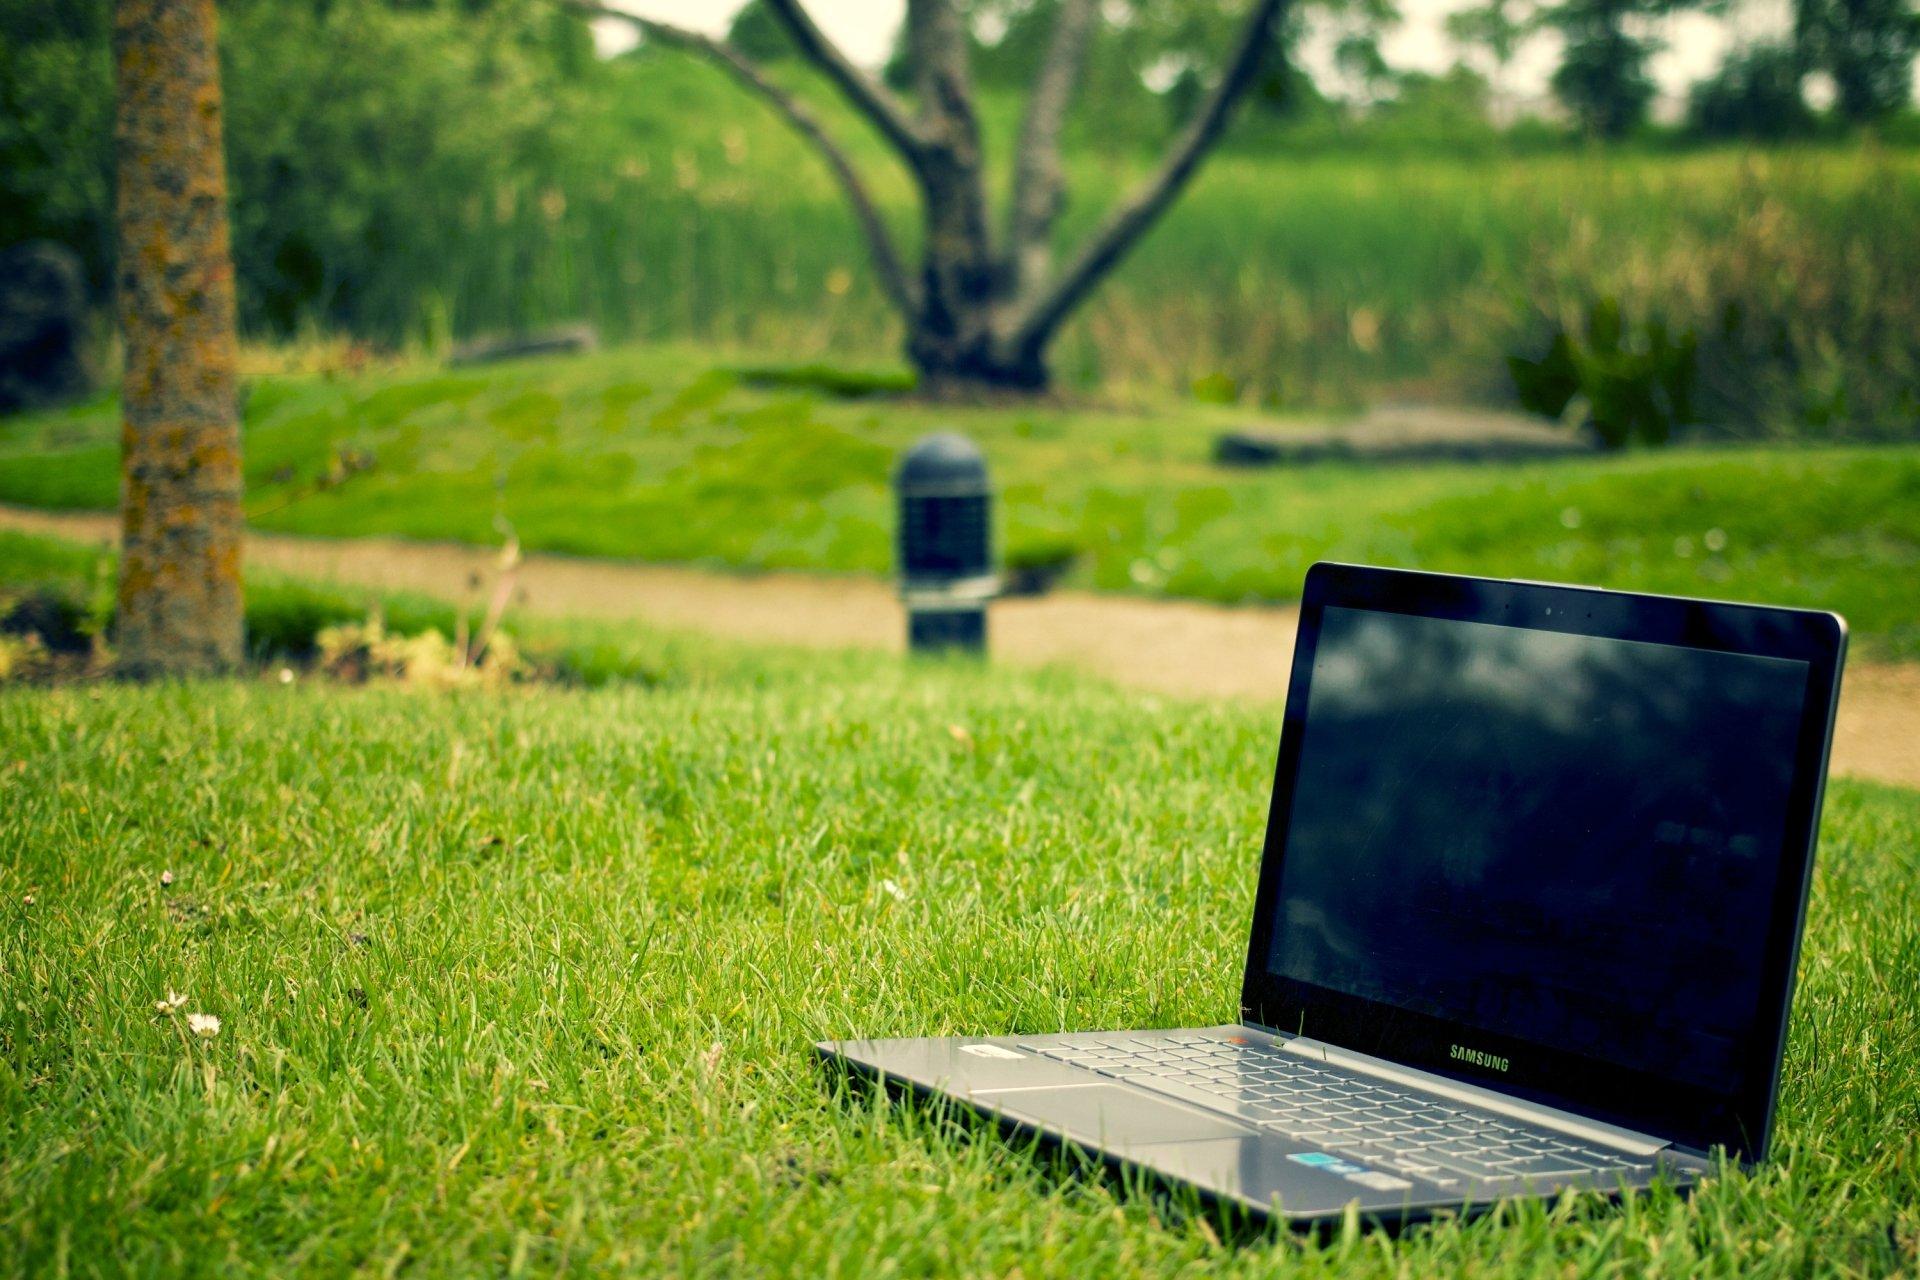 技术 - Notebook  草 公园 电脑 Laptop Samsung 壁纸